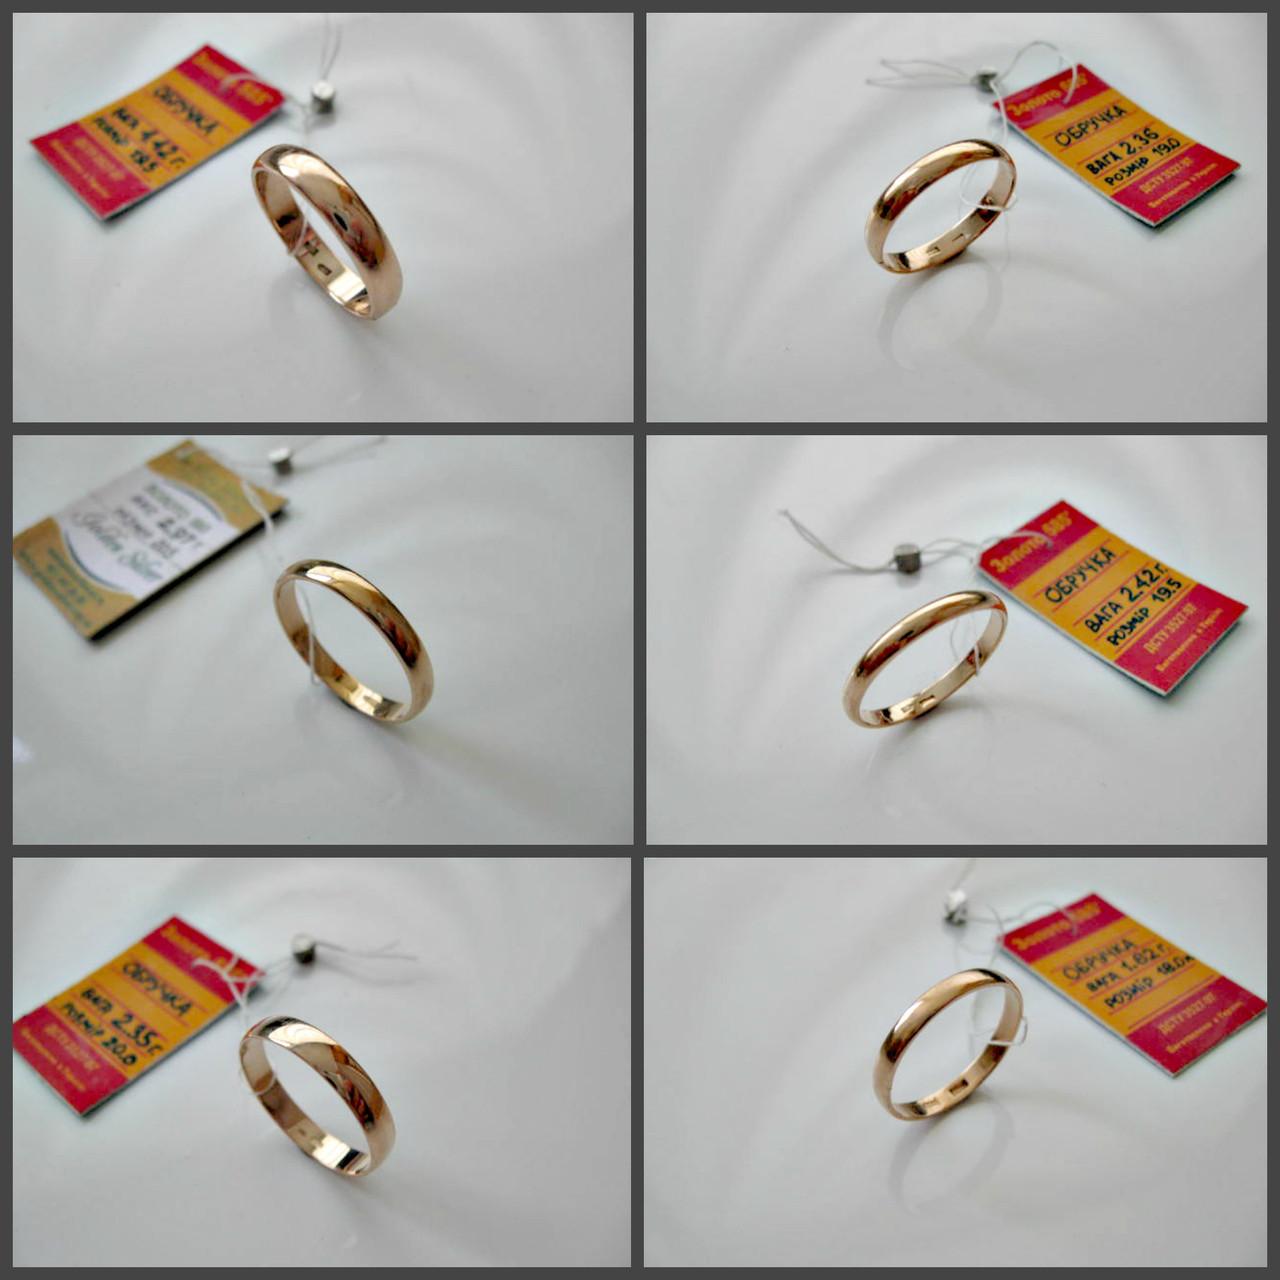 Золотые обручальные кольца 19, 19.5, 20, 20.5 размер. От 1299 гривен за 1 грамм Золота 585 пробы.